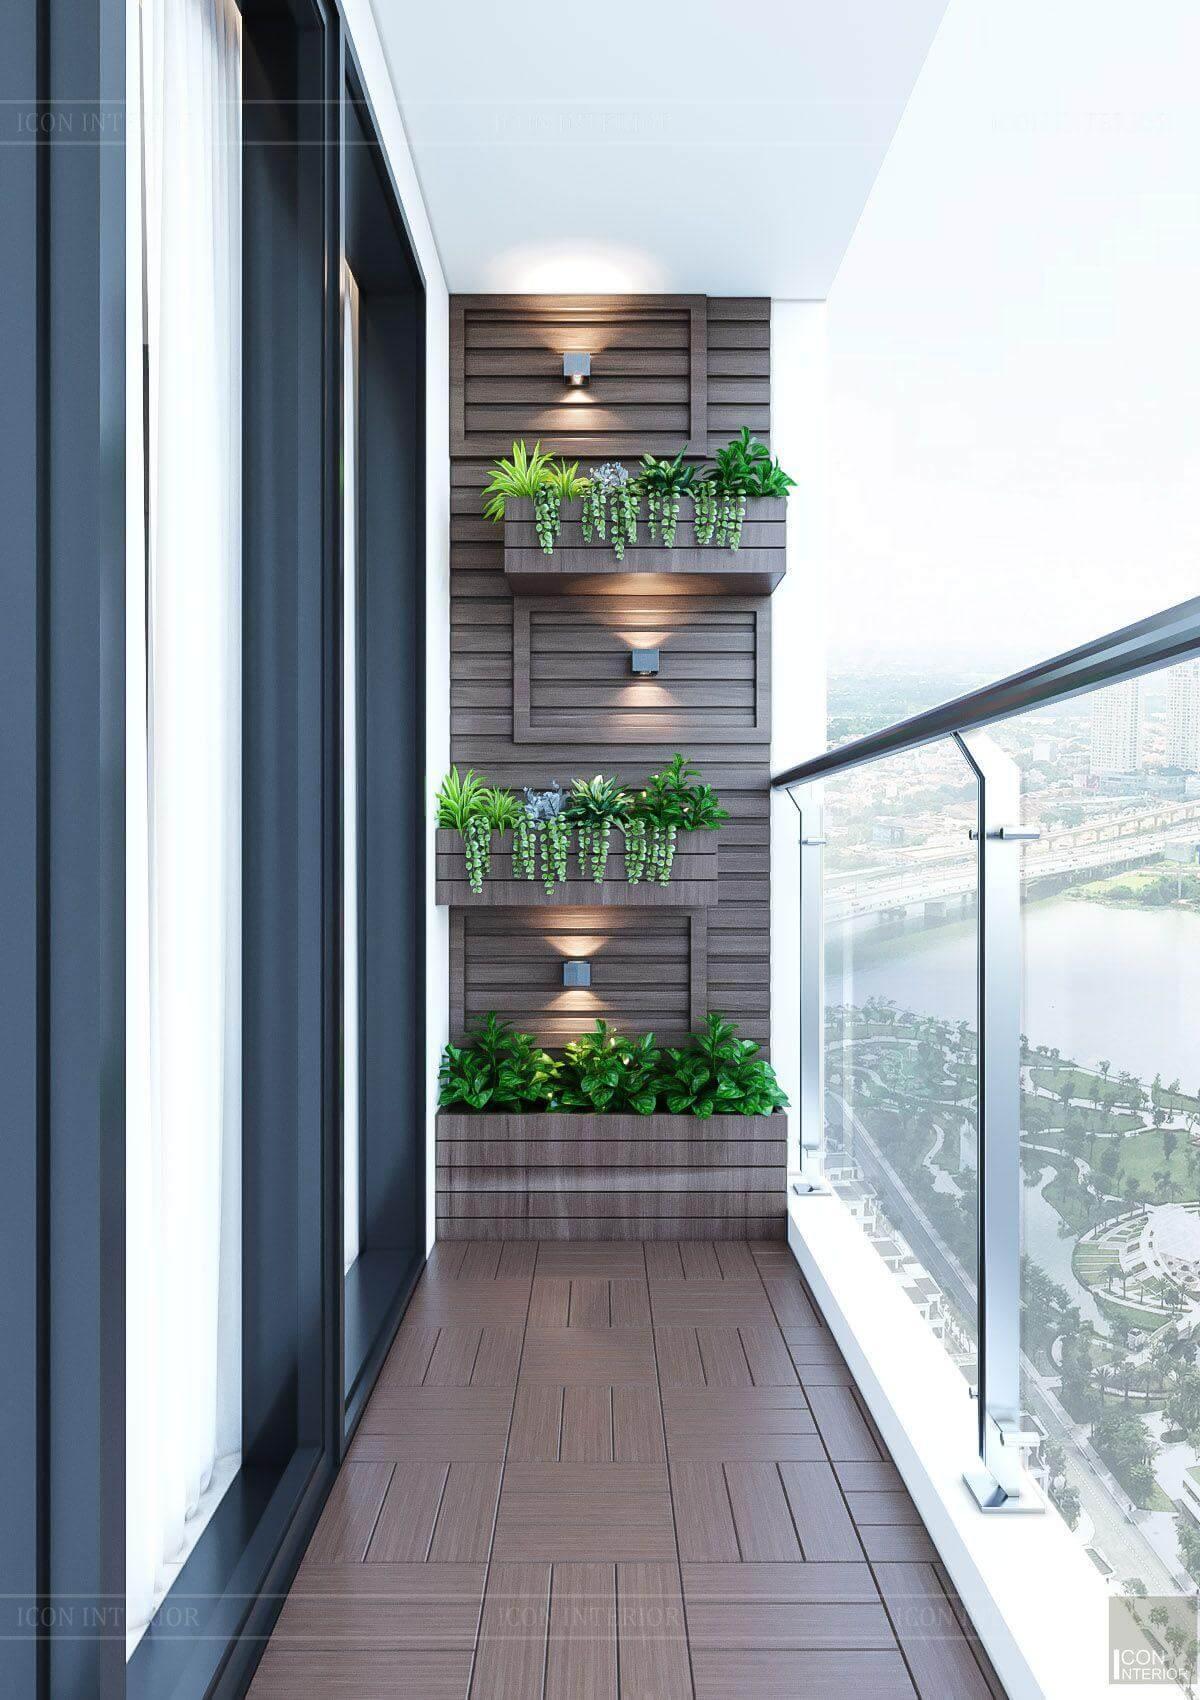 Thiết kế nội thất căn hộ chung cư Vinhomes Ba Son - ban công